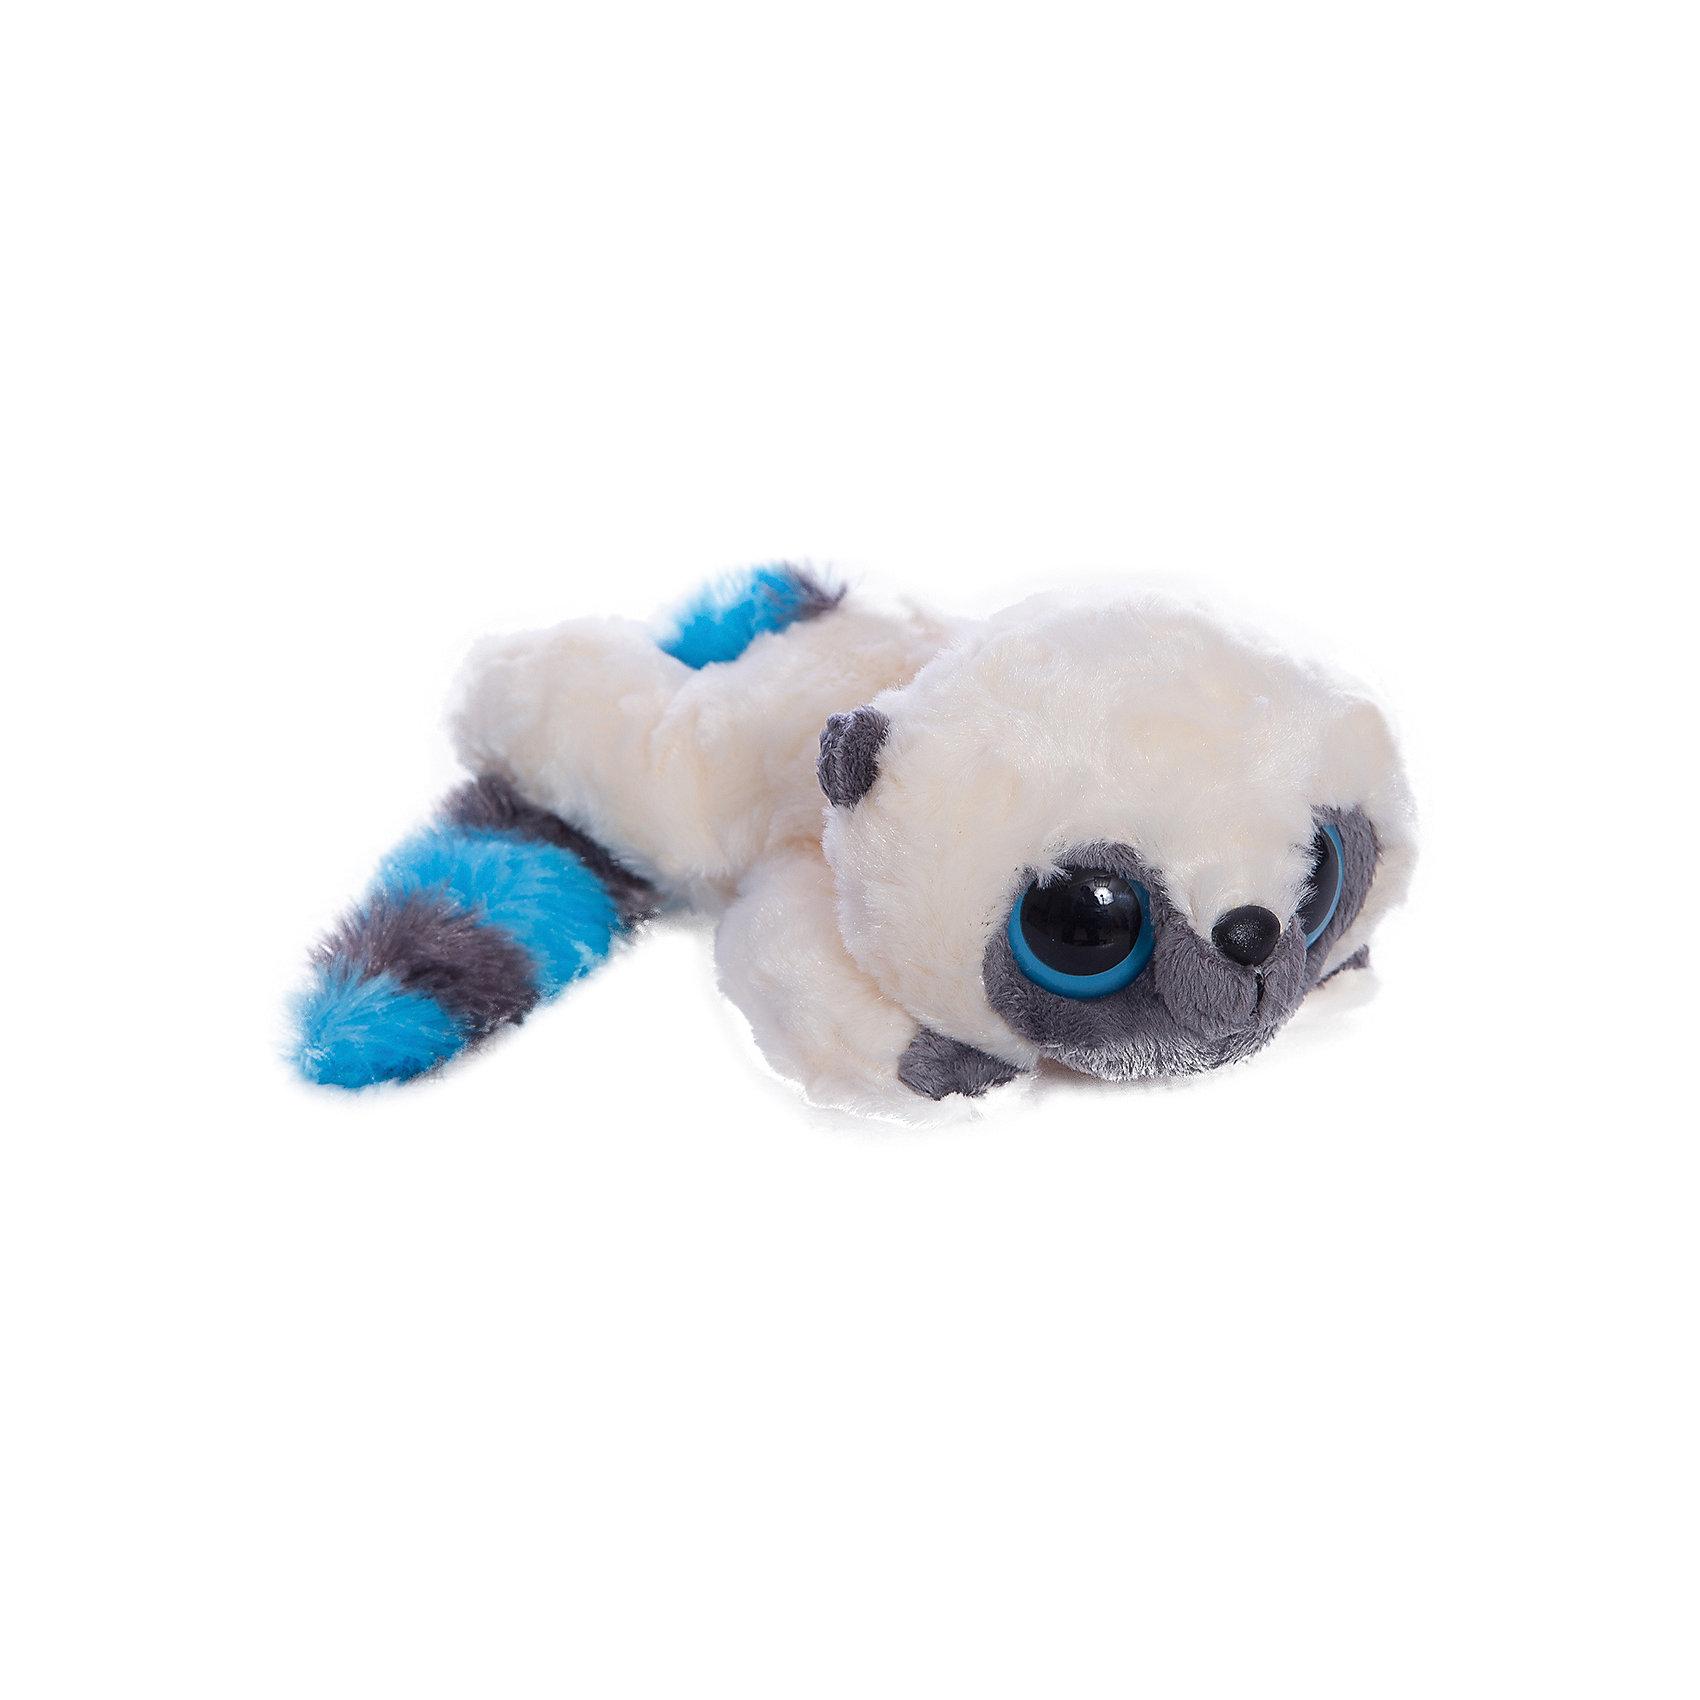 Мягкая игрушка Юху голубой лежачий, 16 см, Юху и друзья, AURORAЛюбимые герои<br>Милый и такой мягкий лемур Юху из  мультфильма Юху и его друзья обязательно понравится Вашему ребенку! У него серо-голубой хвостик, красивые глаза и очень милая мордашка!<br><br>Дополнительная информация:<br><br>- Возраст: от 3 лет.<br>- Материал: плюш, синтепон.<br>- Высота игрушки: 16 см.<br>- Вес игрушки: 120 г.<br><br>Купить мягкую игрушку лежачий Юху в голубом цвете, из мультфильма Юху и друзья, можно в нашем магазине.<br><br>Ширина мм: 90<br>Глубина мм: 120<br>Высота мм: 80<br>Вес г: 110<br>Возраст от месяцев: 36<br>Возраст до месяцев: 120<br>Пол: Унисекс<br>Возраст: Детский<br>SKU: 4929026